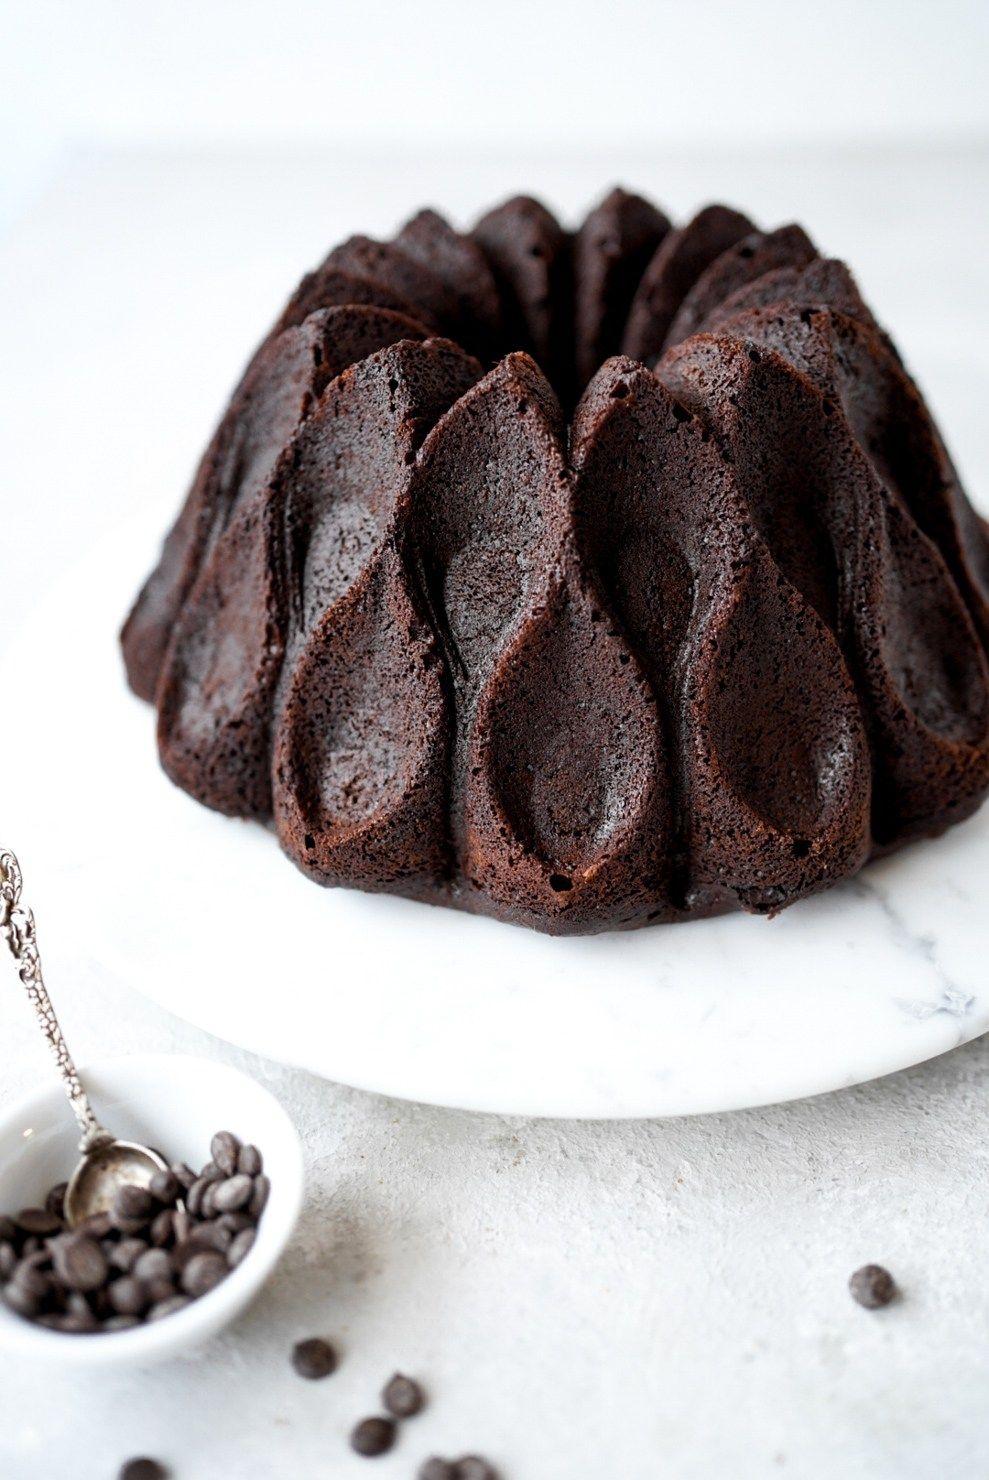 Der Beste Schokoladen Gugelhupf Der Welt Backbube In 2020 Gugelhupf Rezept Saftig Coole Desserts Schoko Gugelhupf